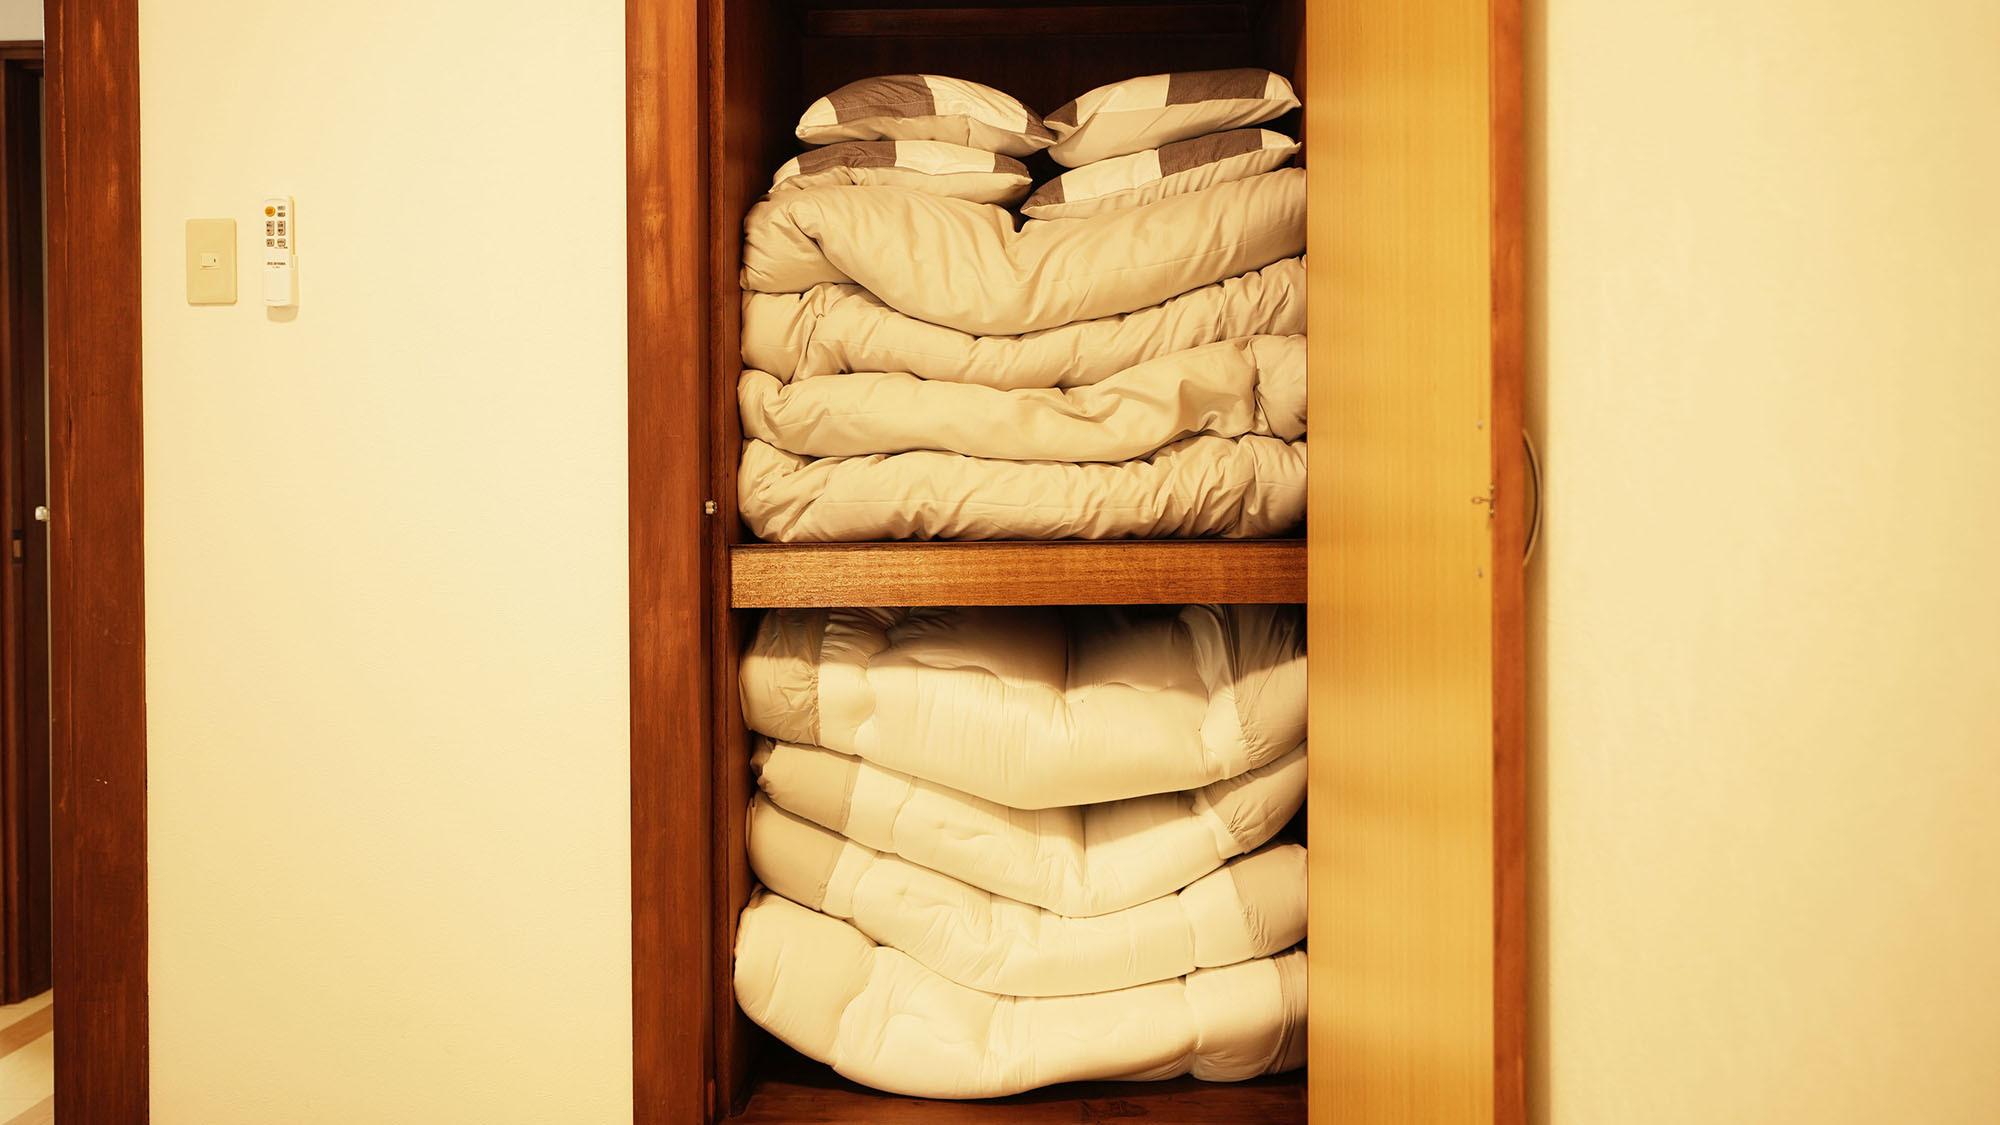 ・201号室:お布団の上げ下ろしはご自身でお願いいたします